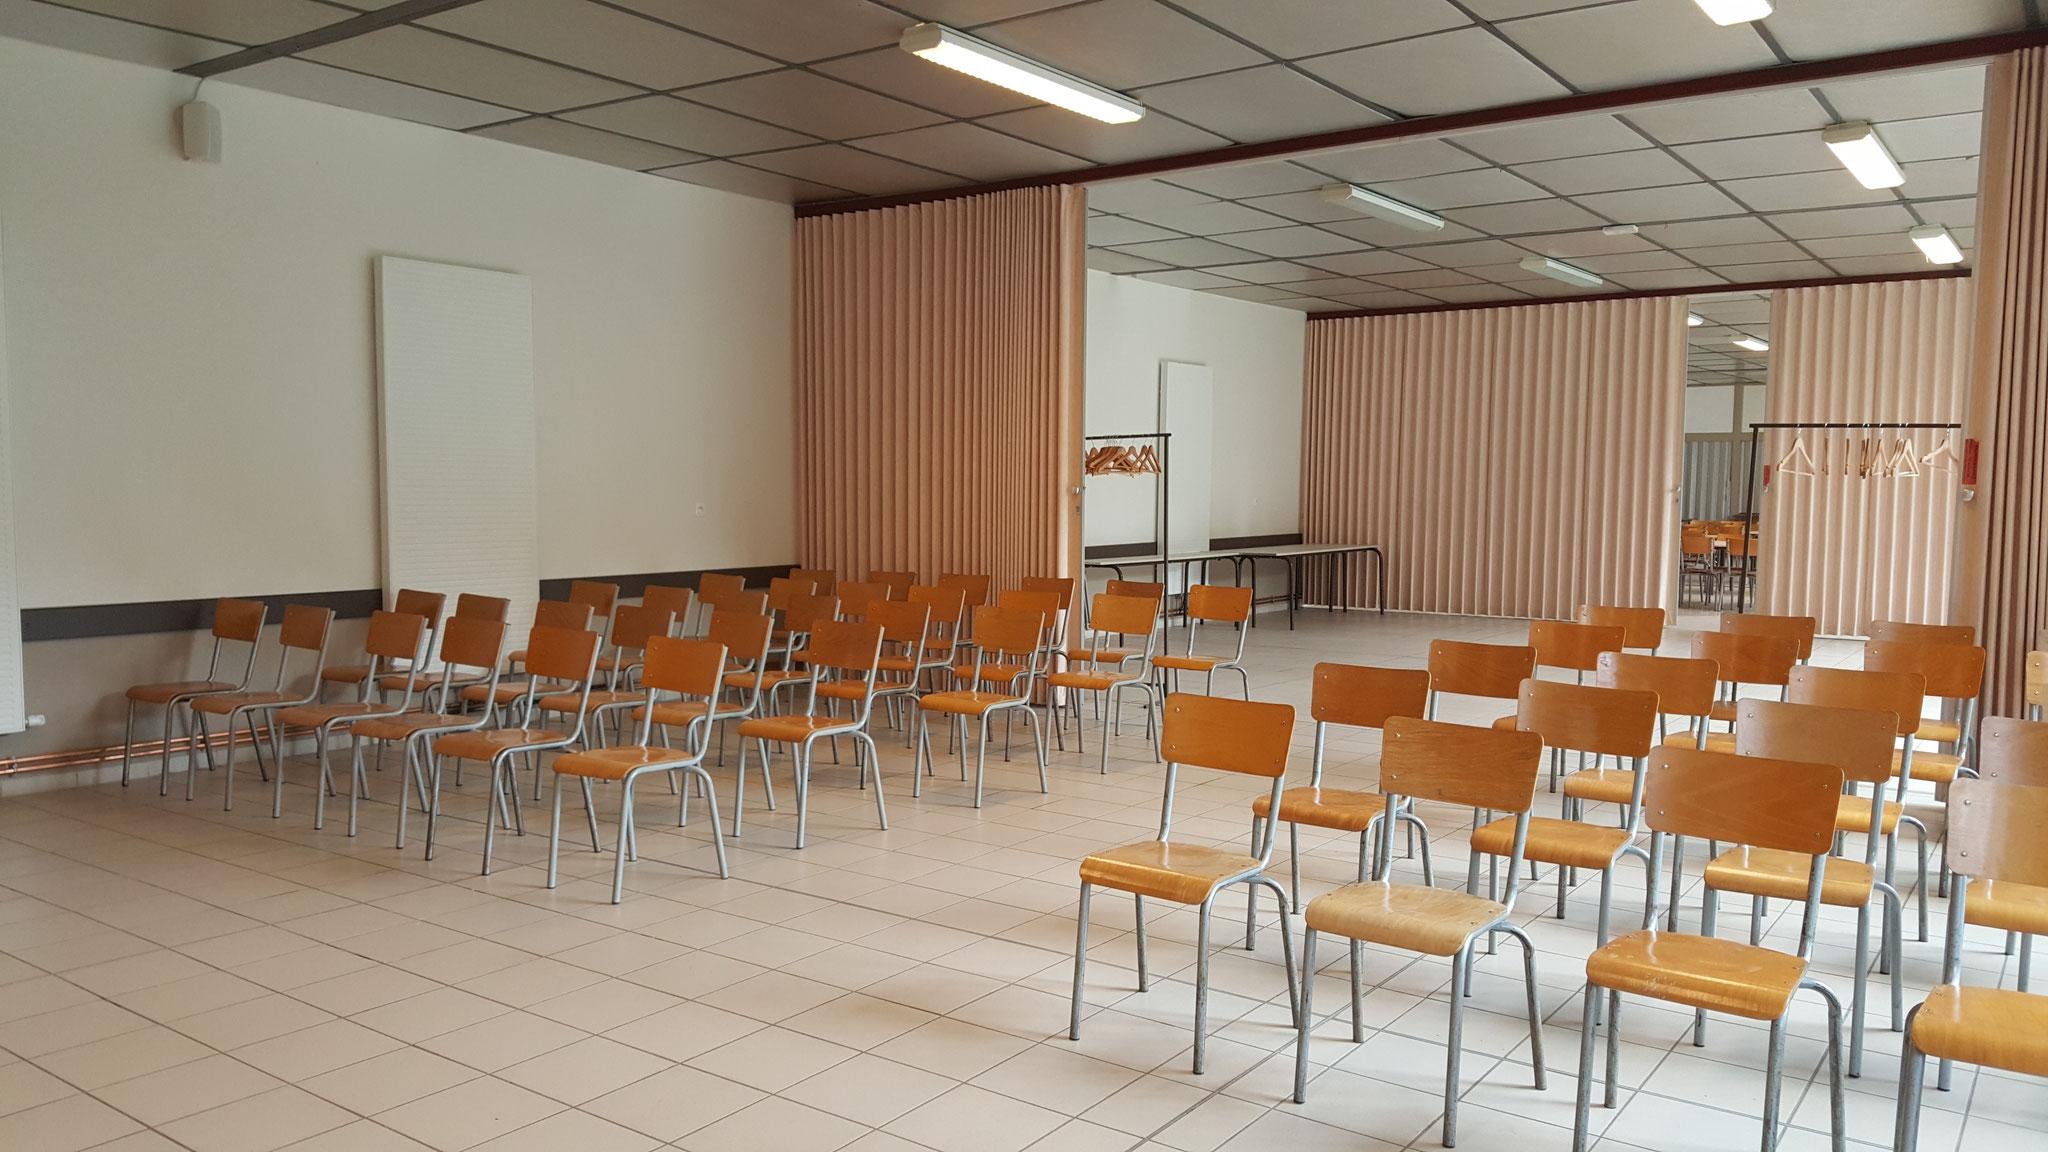 La salle fractionnable avec cloisons amovibles